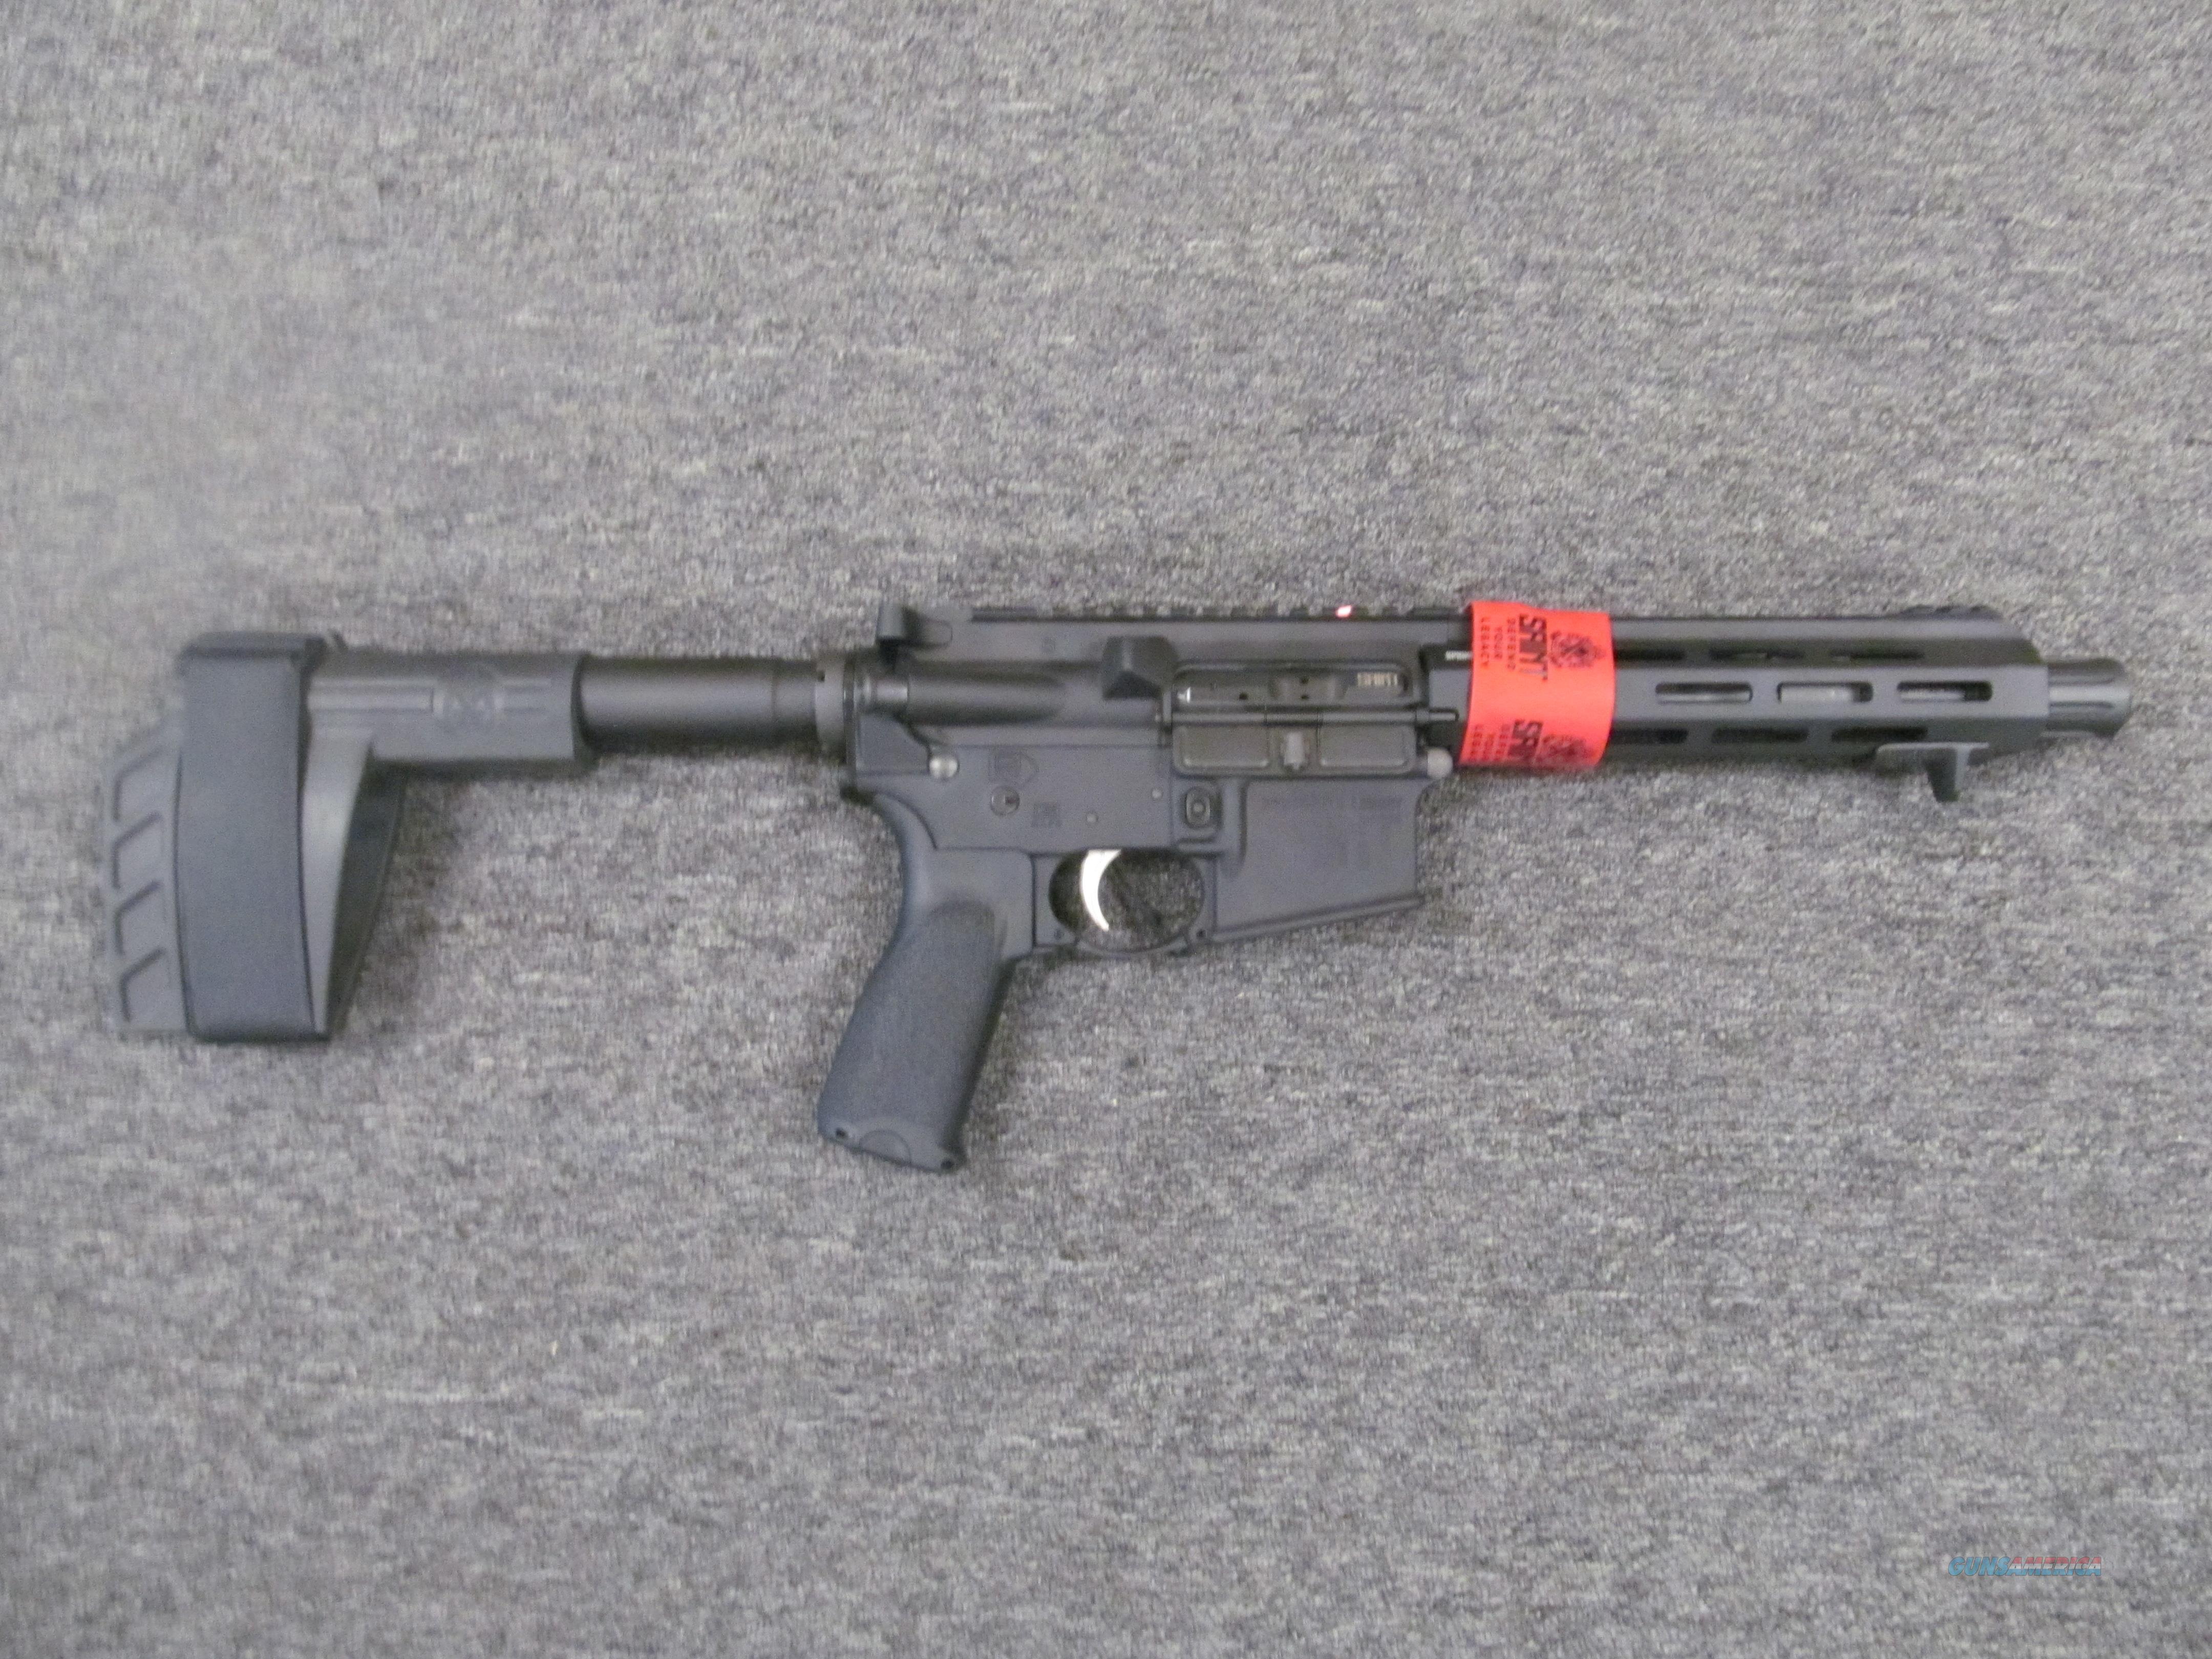 Springfield Armory SAINT Pistol w/Arm Brace  Guns > Pistols > Springfield Armory Pistols > SAINT Pistol